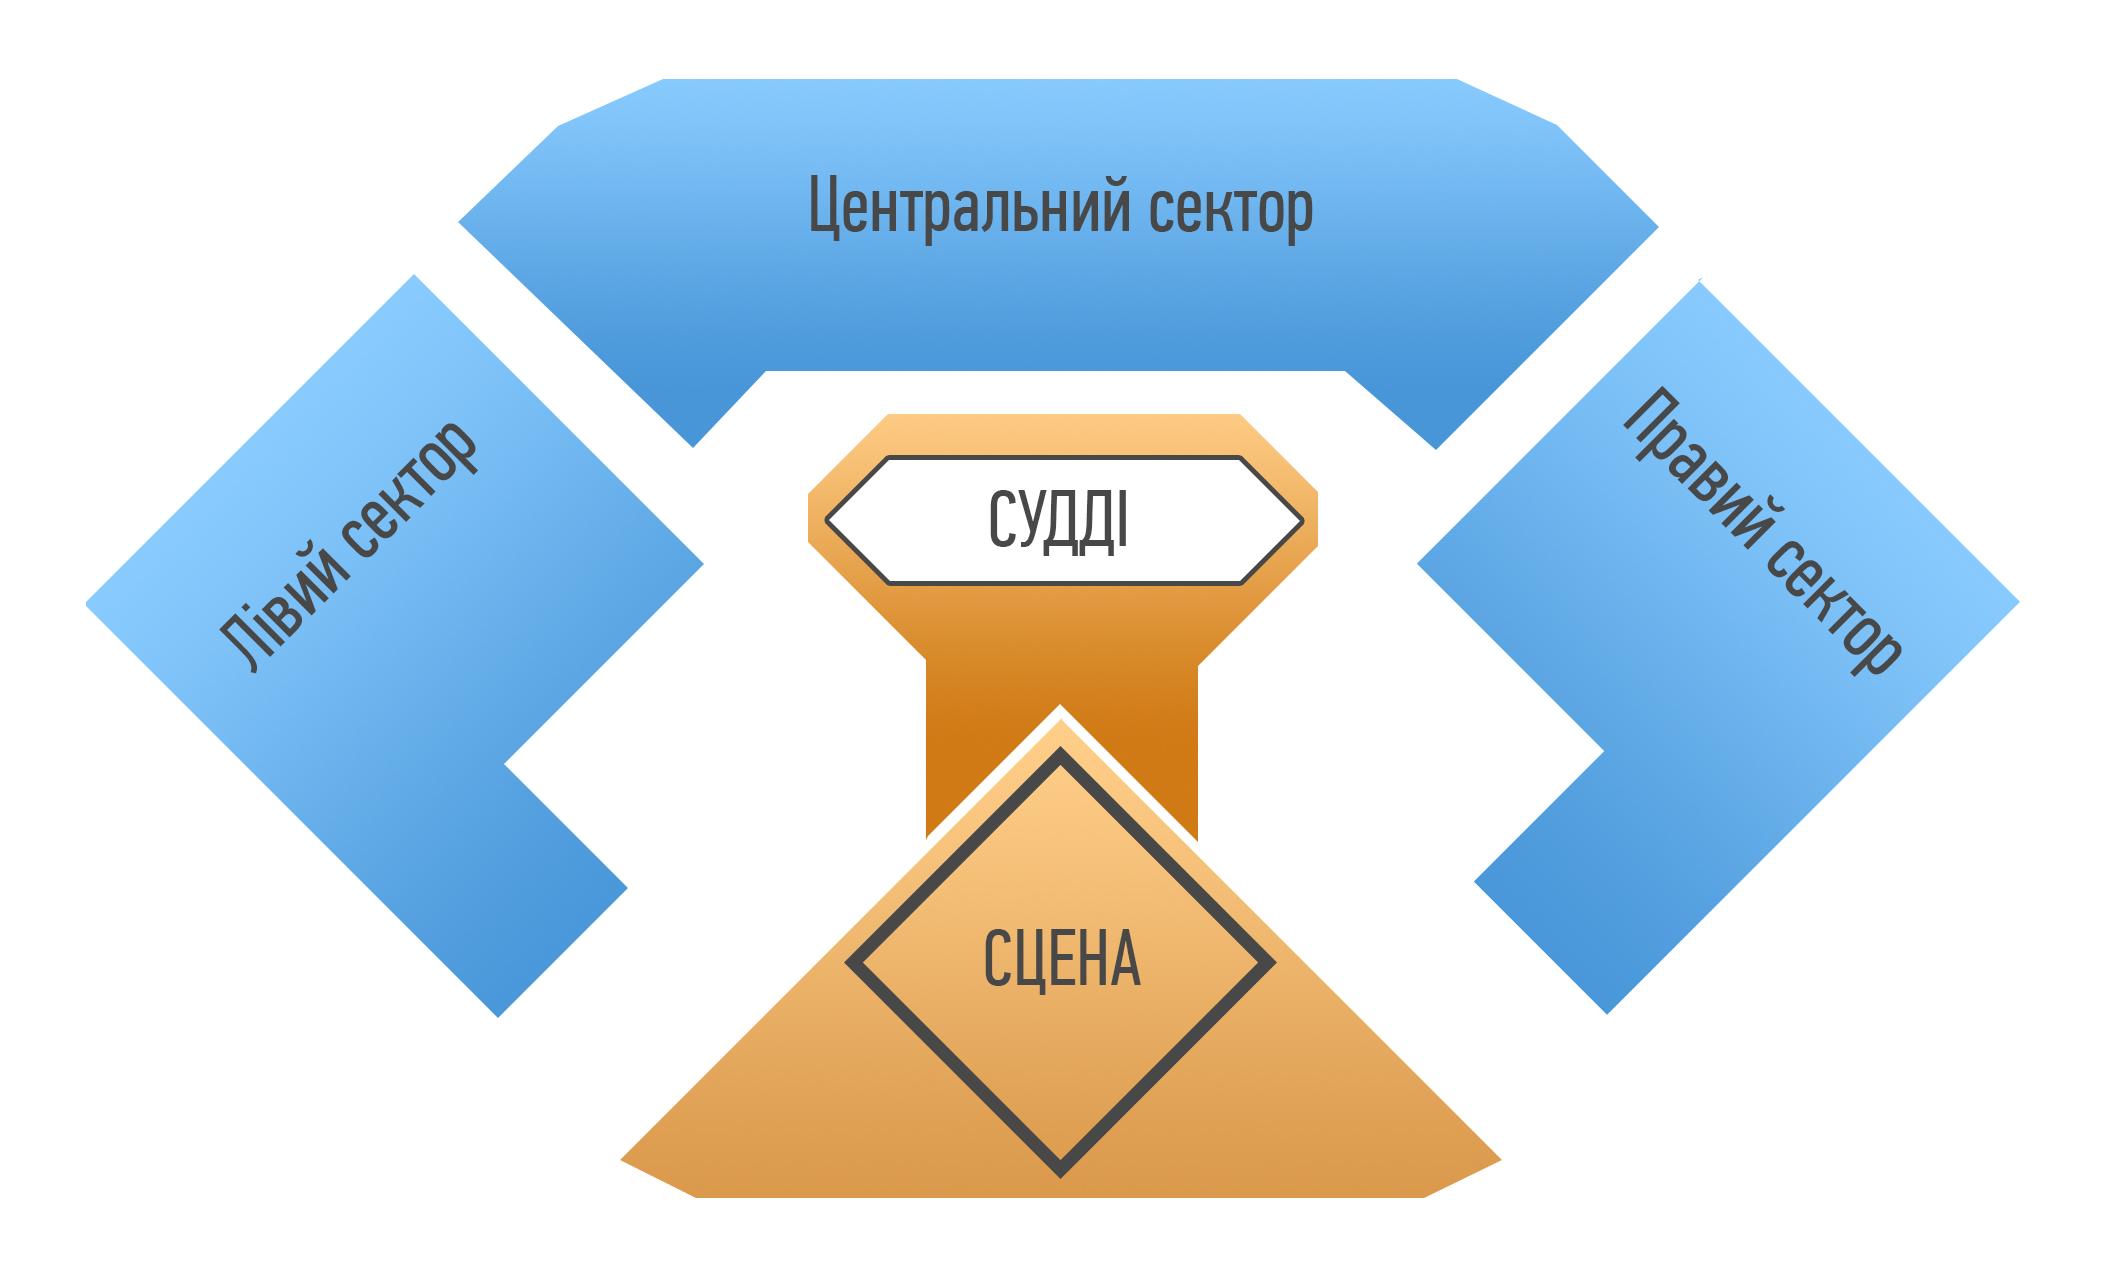 одесский культурный центр схема